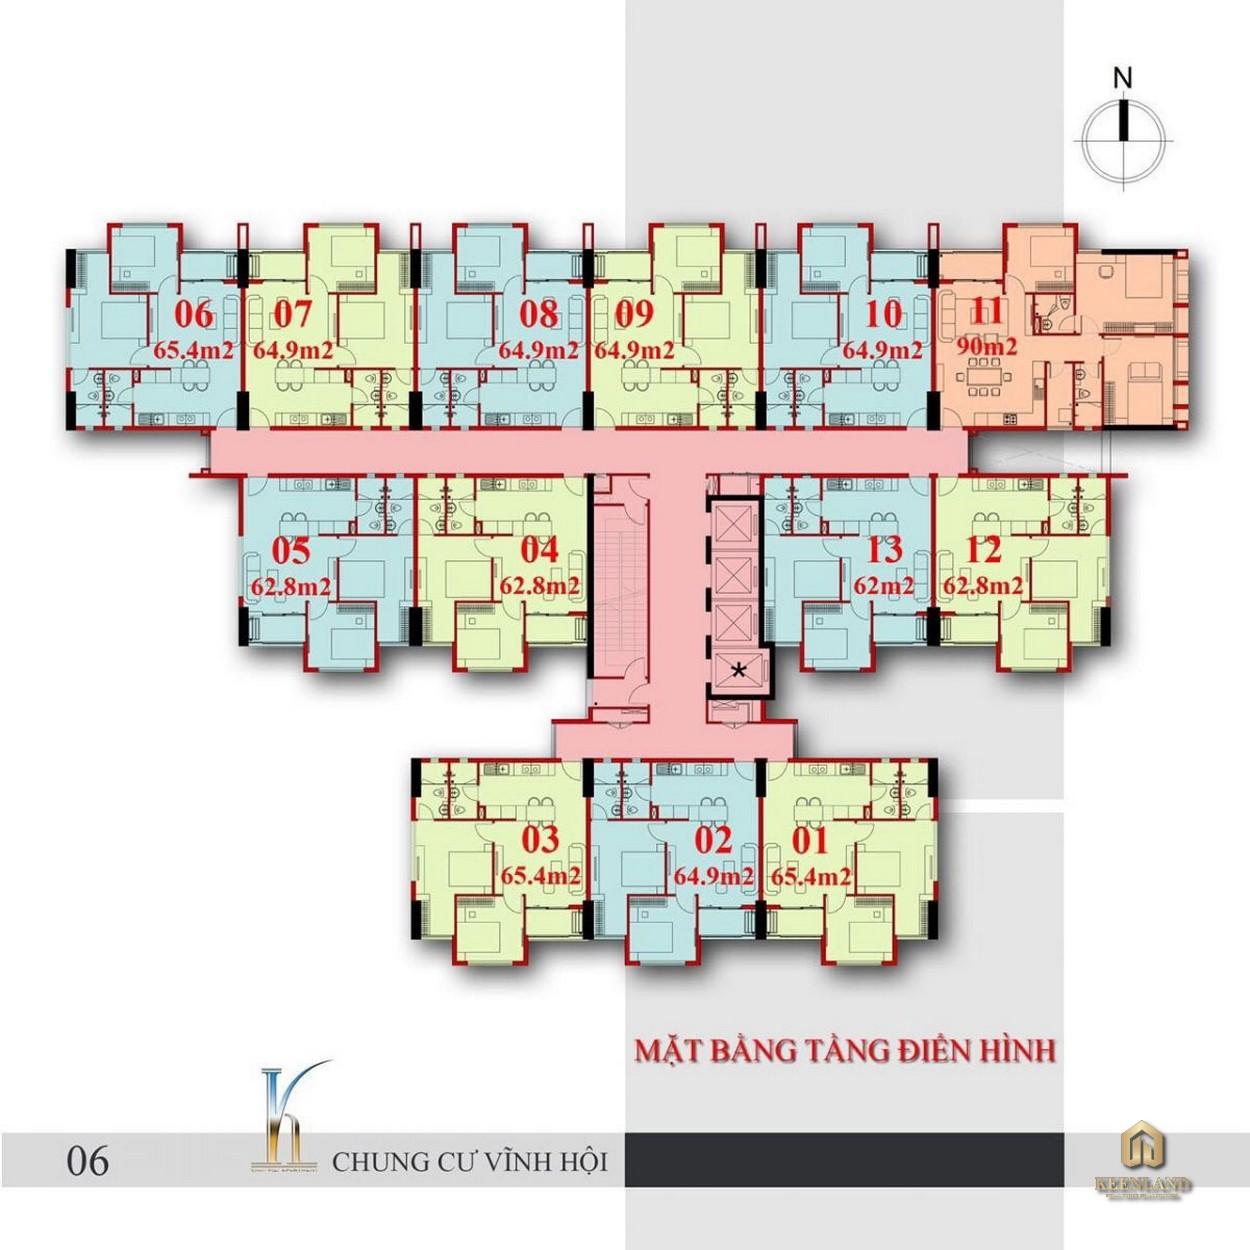 Mặt bằng tầng điển hình dự án chung cư Vĩnh Hội